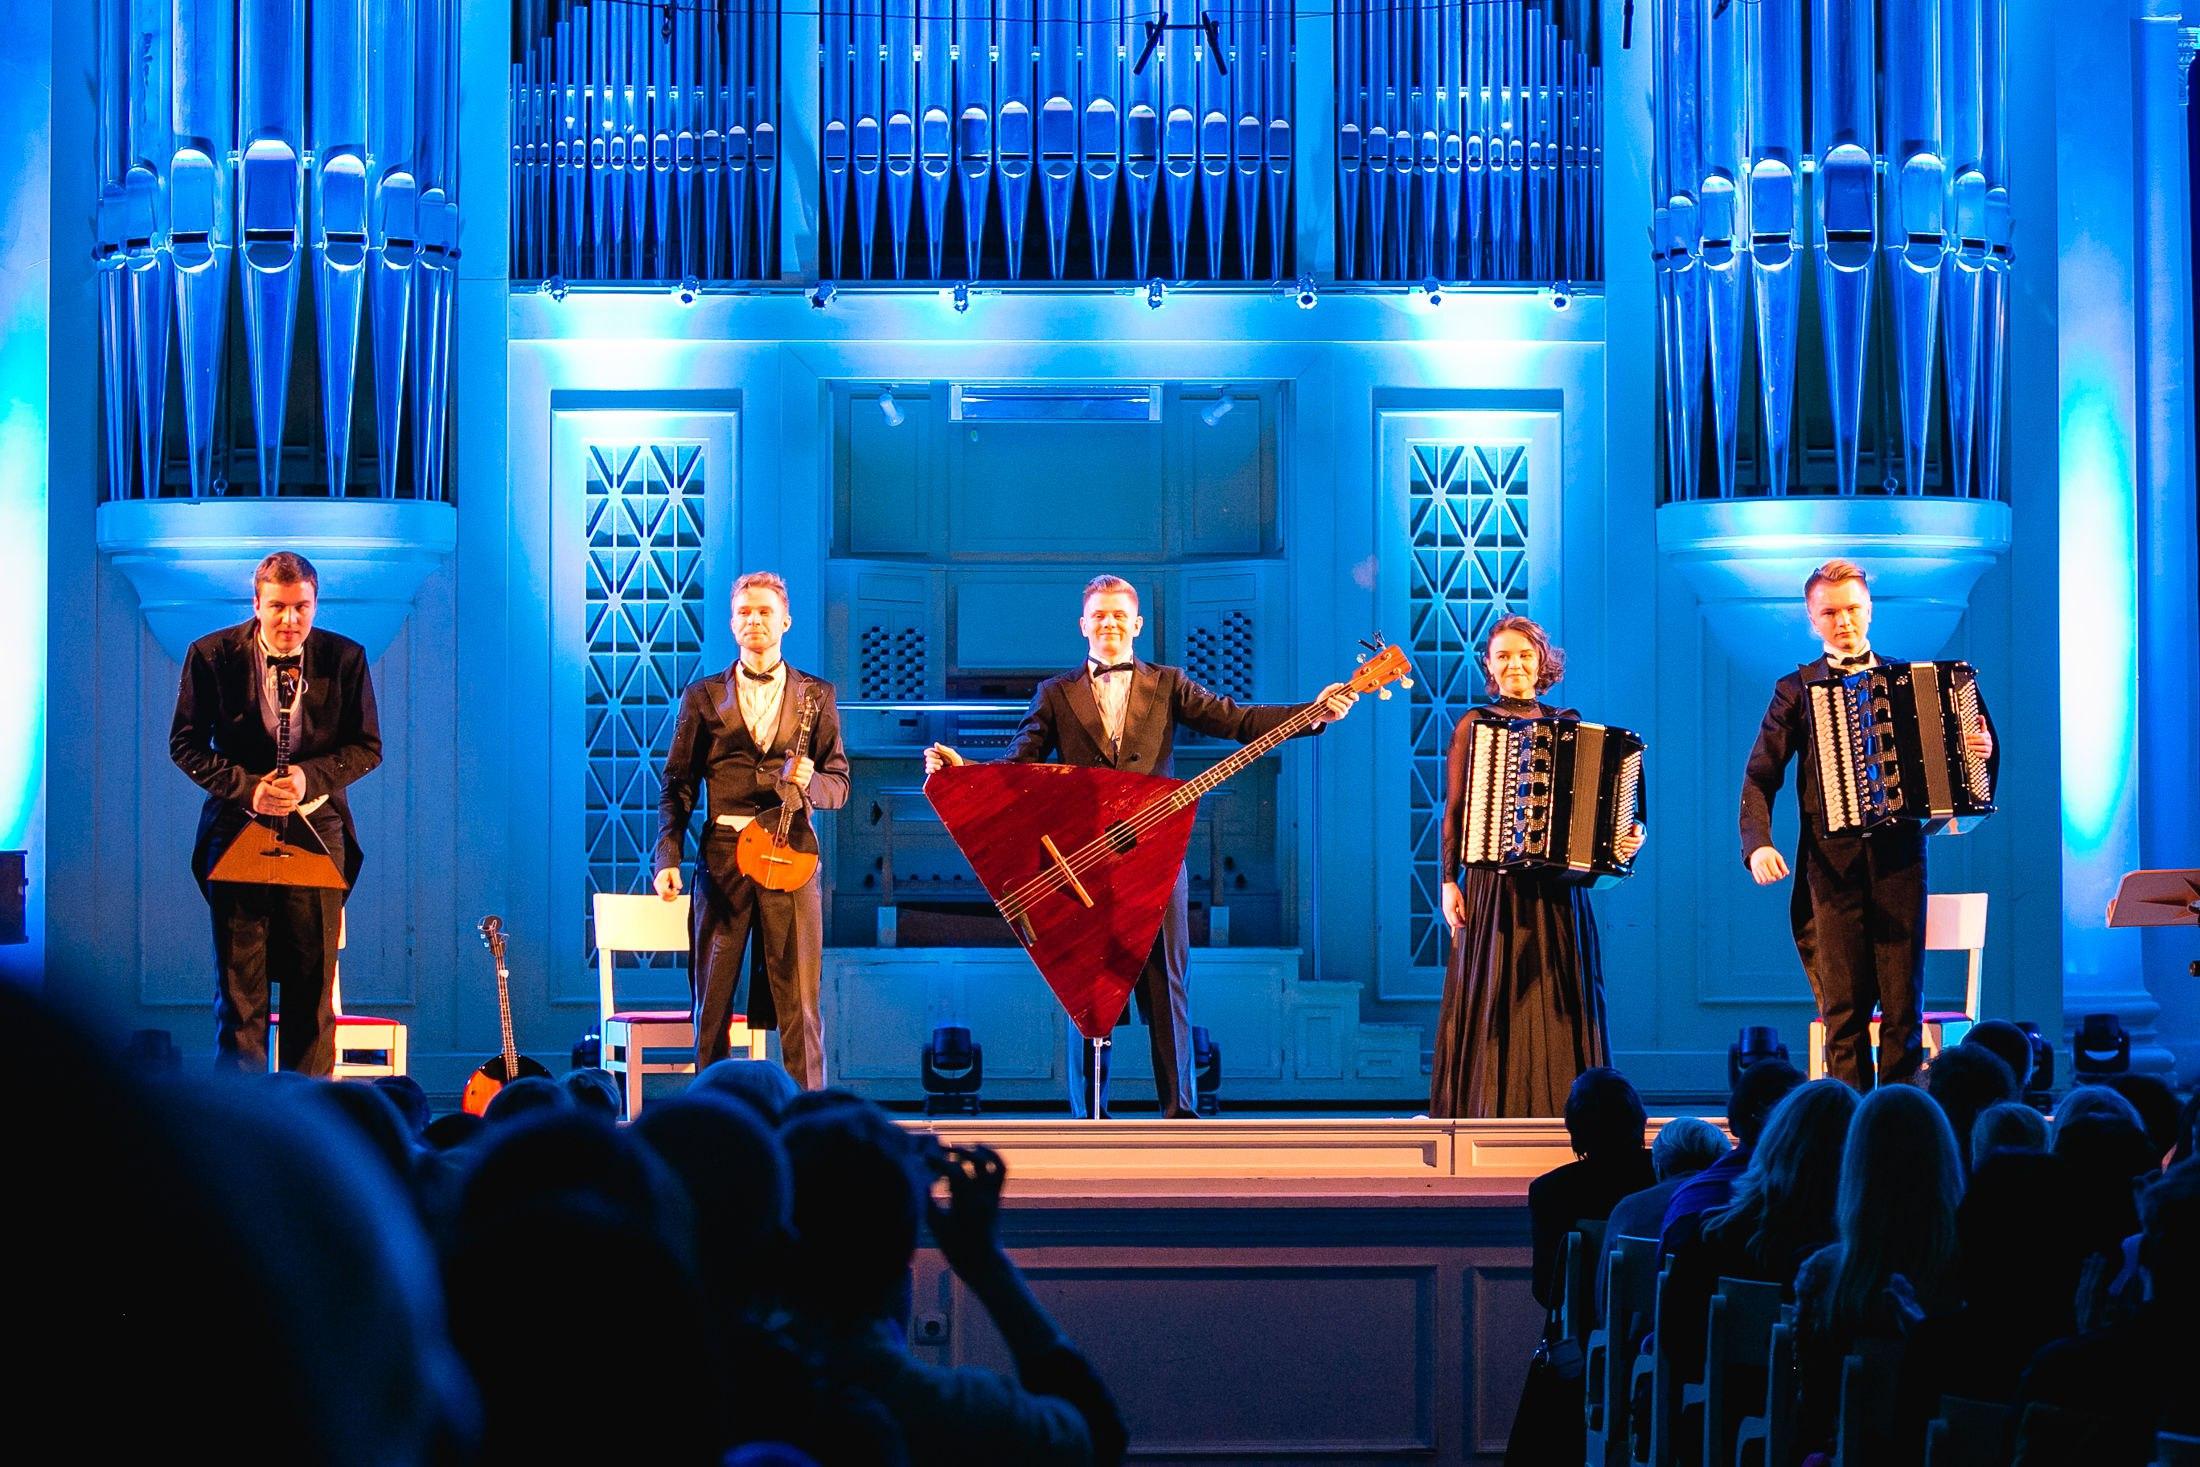 организация концертов популярных исполнителей